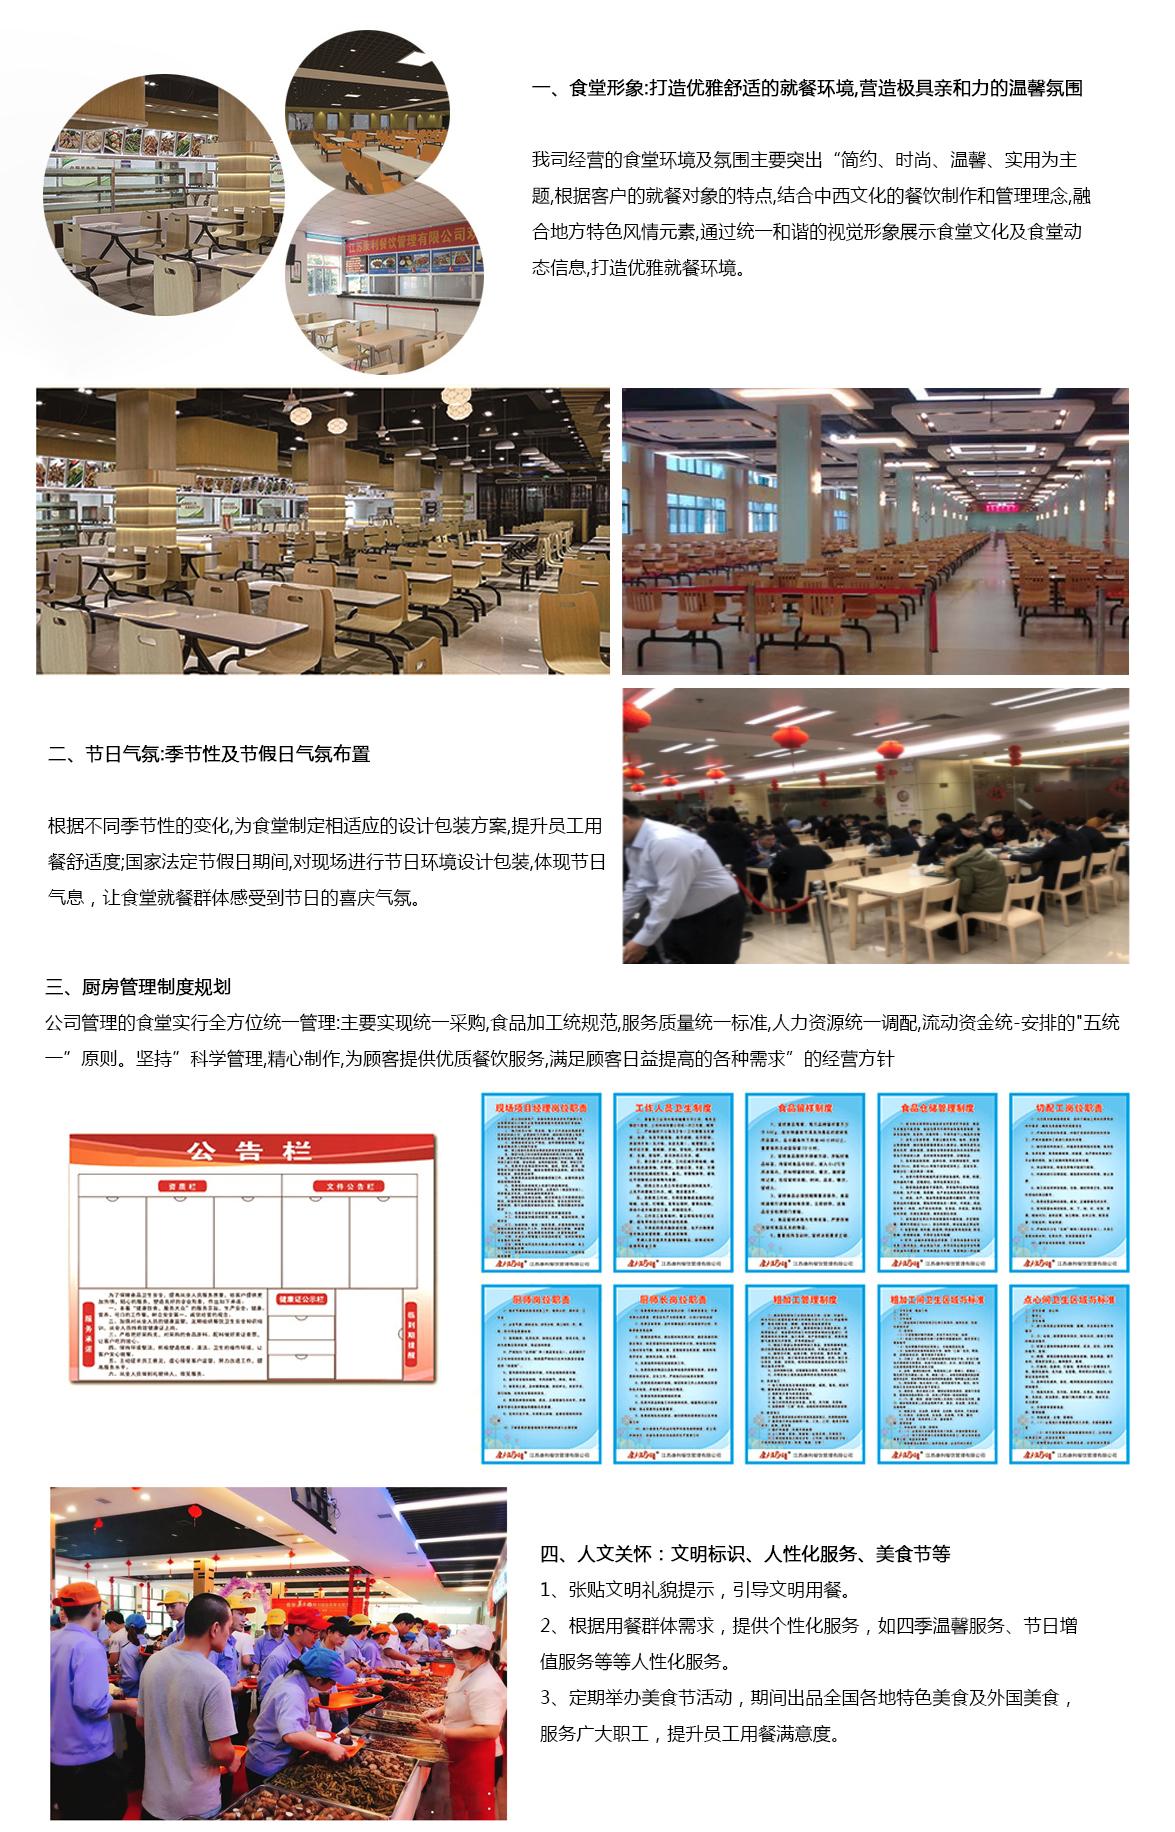 食堂建设方案.jpg